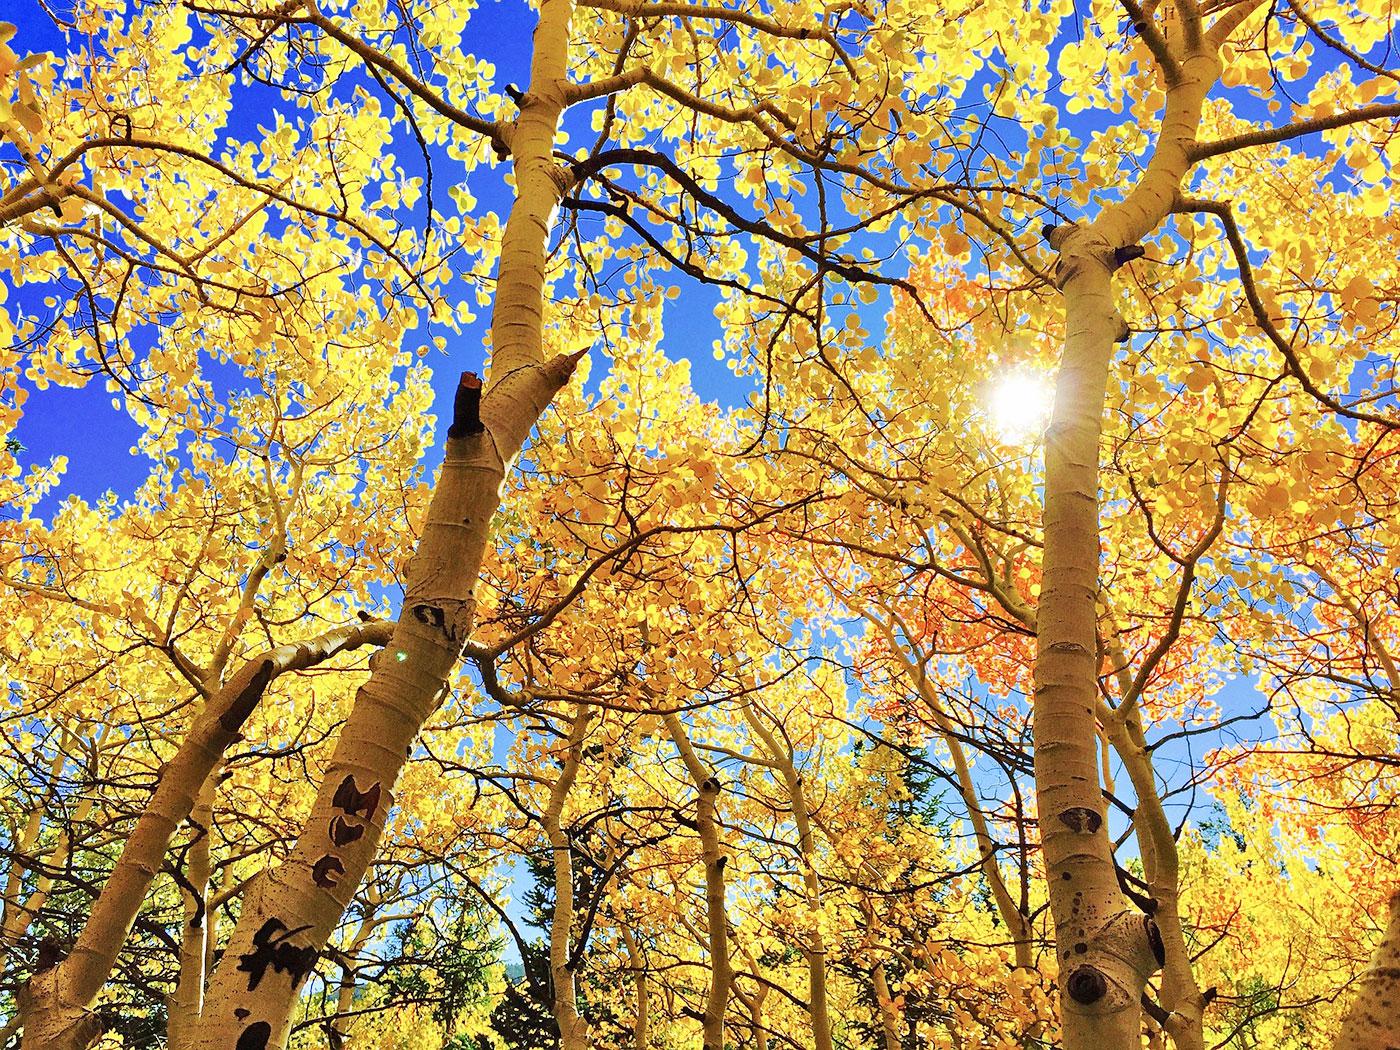 Ağaçlar Sayesinde Elde Edilen Rüzgar Enerjisi